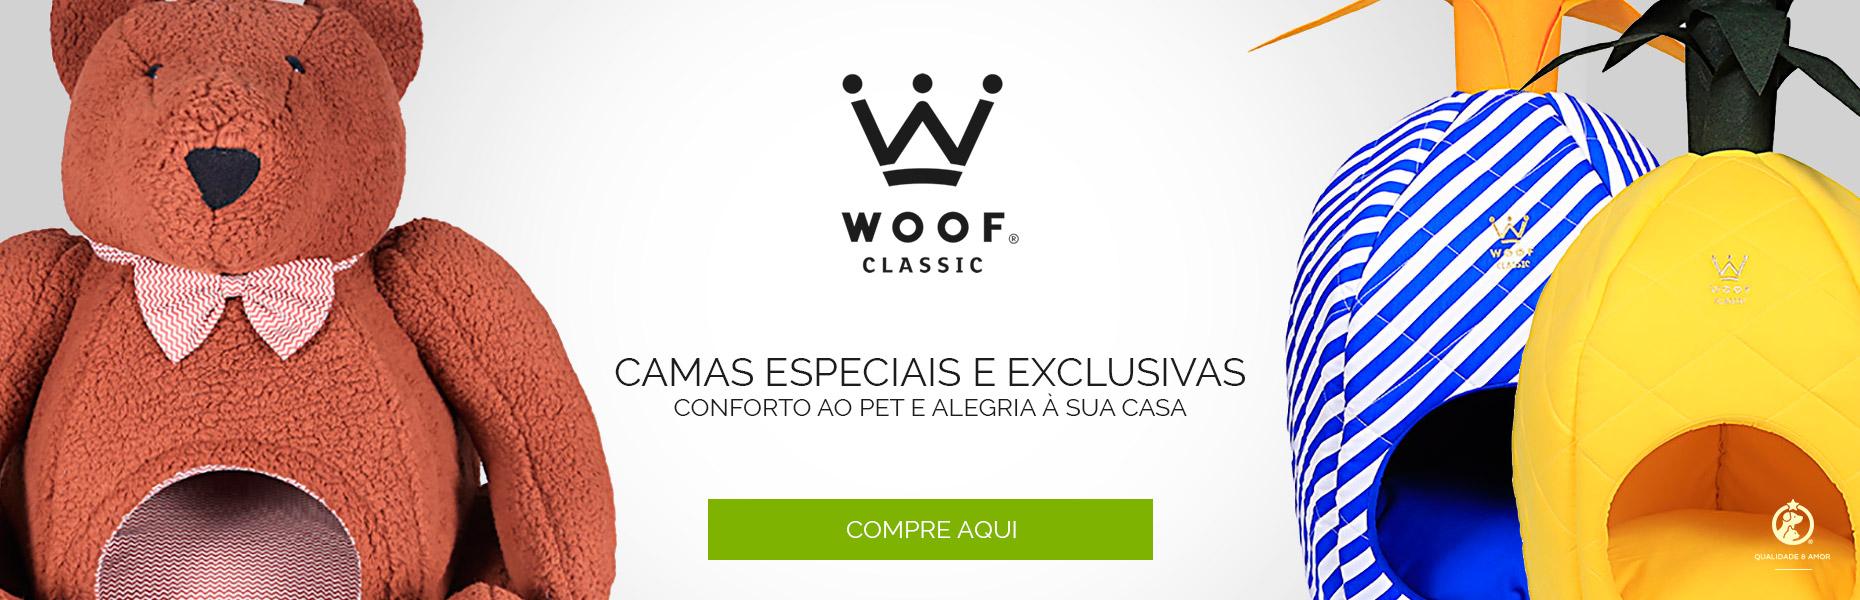 Caminhas especiais Woof Classic